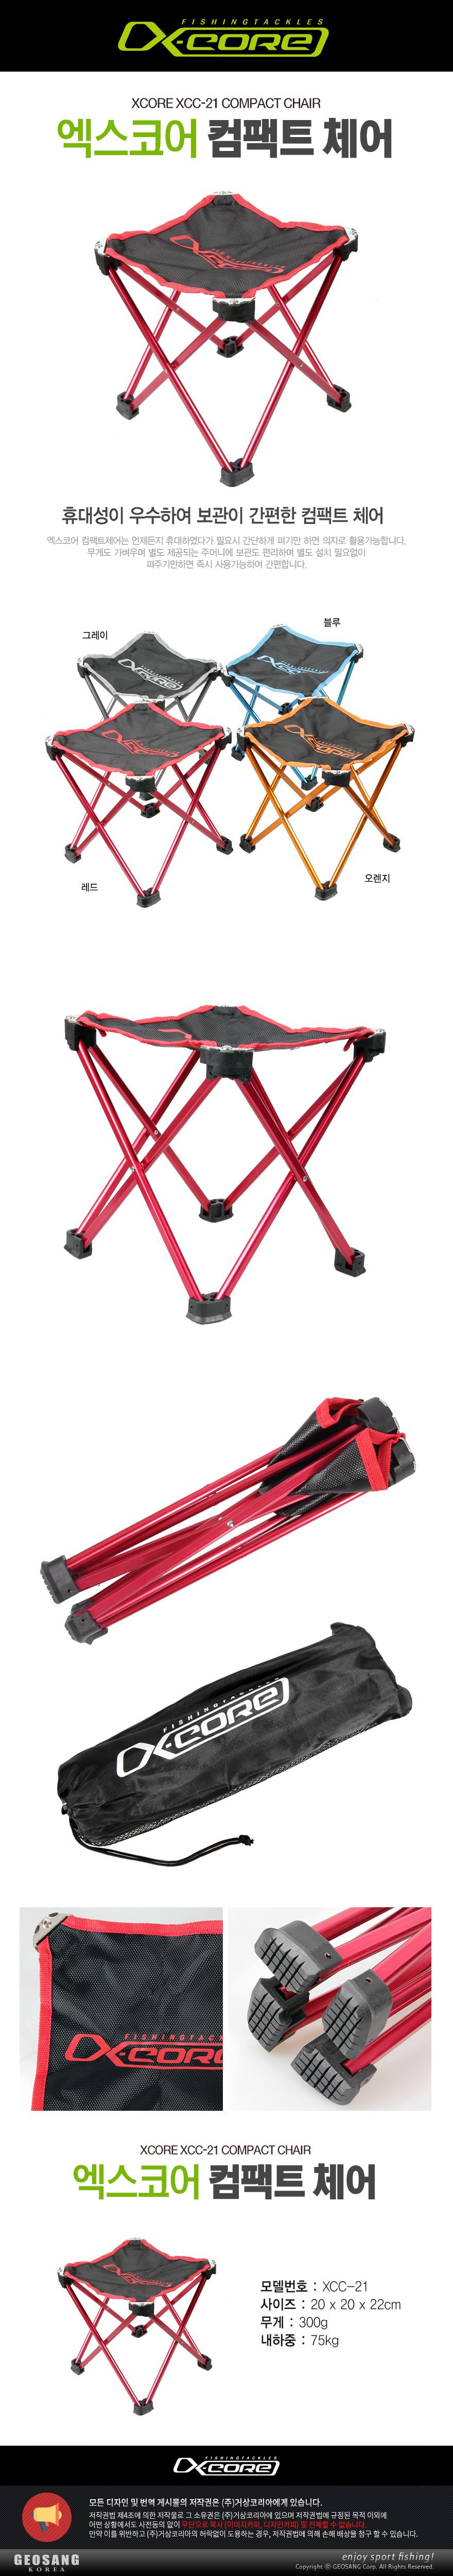 엑스코어 컴팩트 체어 XCC-21 엑스코어 컴팩트체어 의자